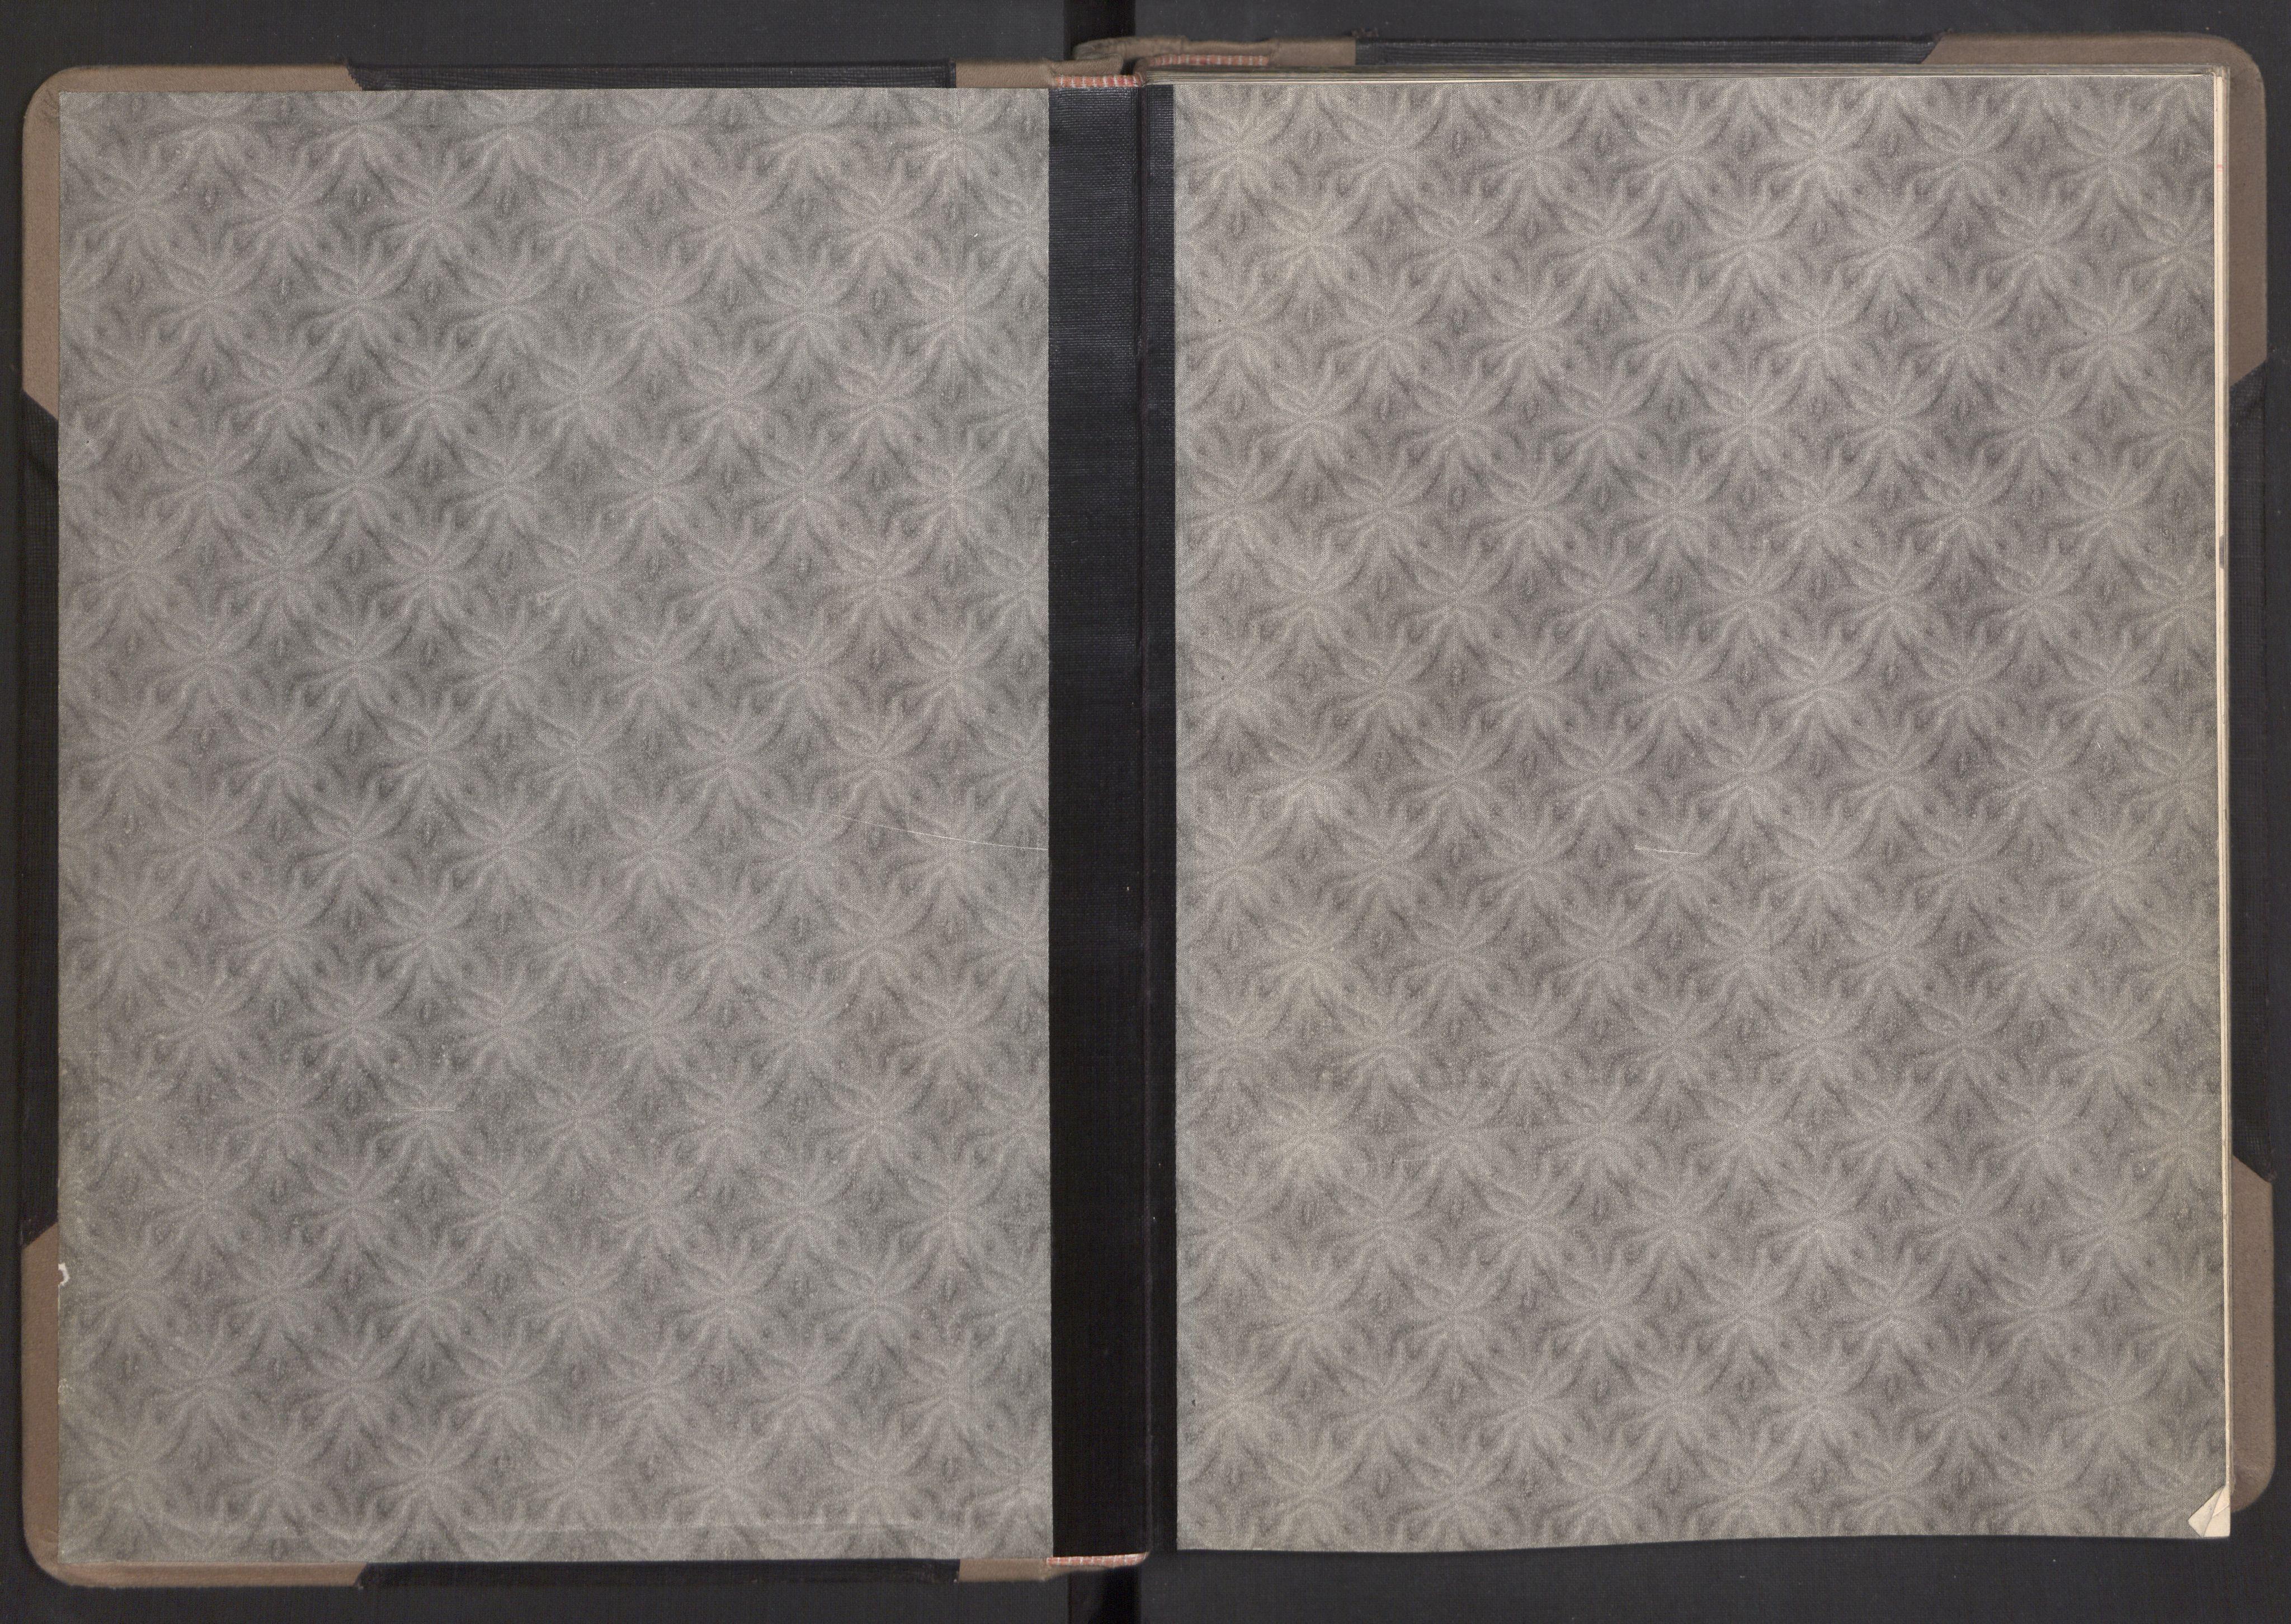 RA, Statspolitiet - Hovedkontoret / Osloavdelingen, C/Cl/L0020: Brevjournal, 1941-1945